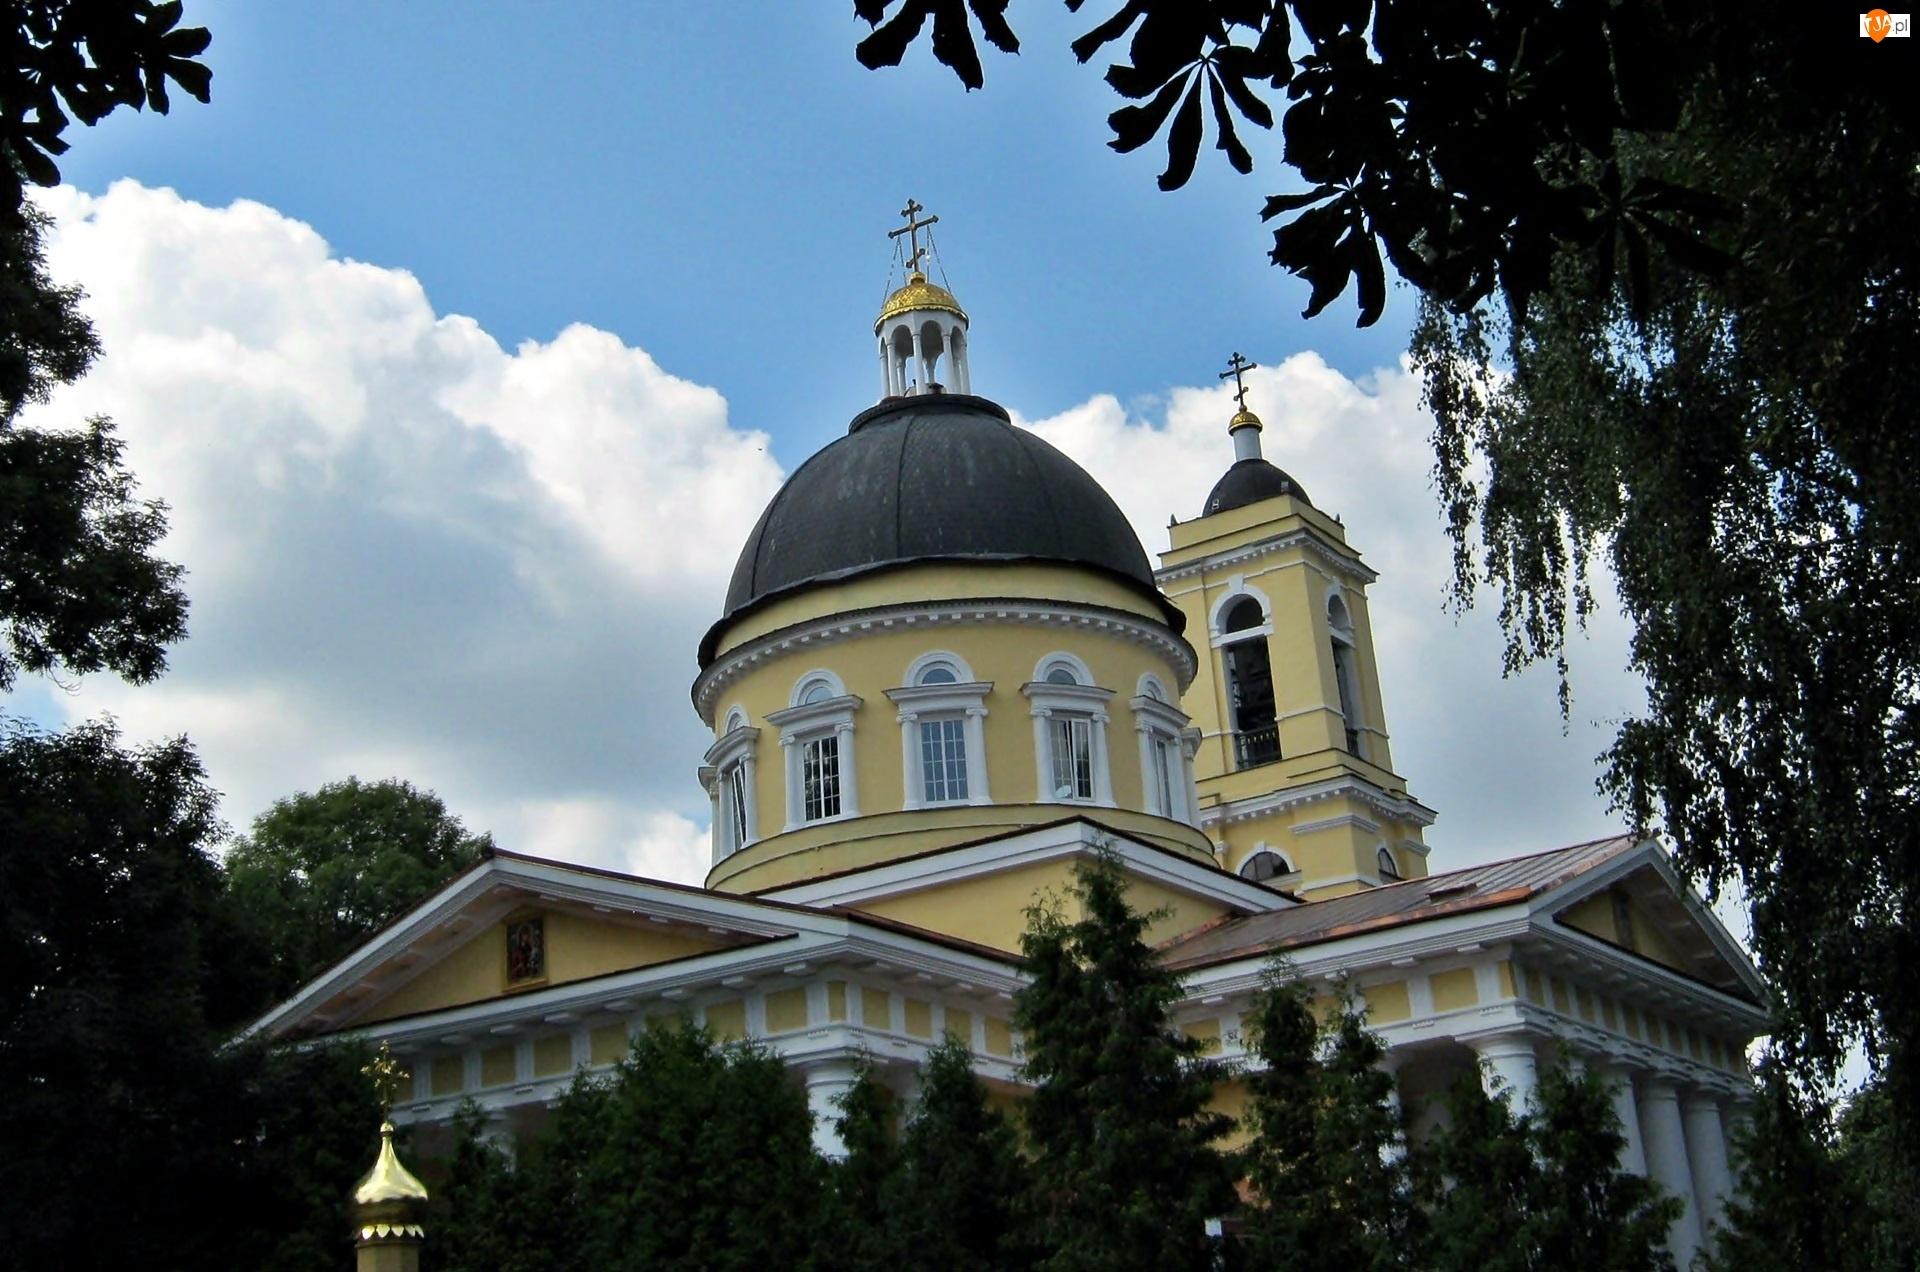 Obłoki, Cerkiew, Drzewa